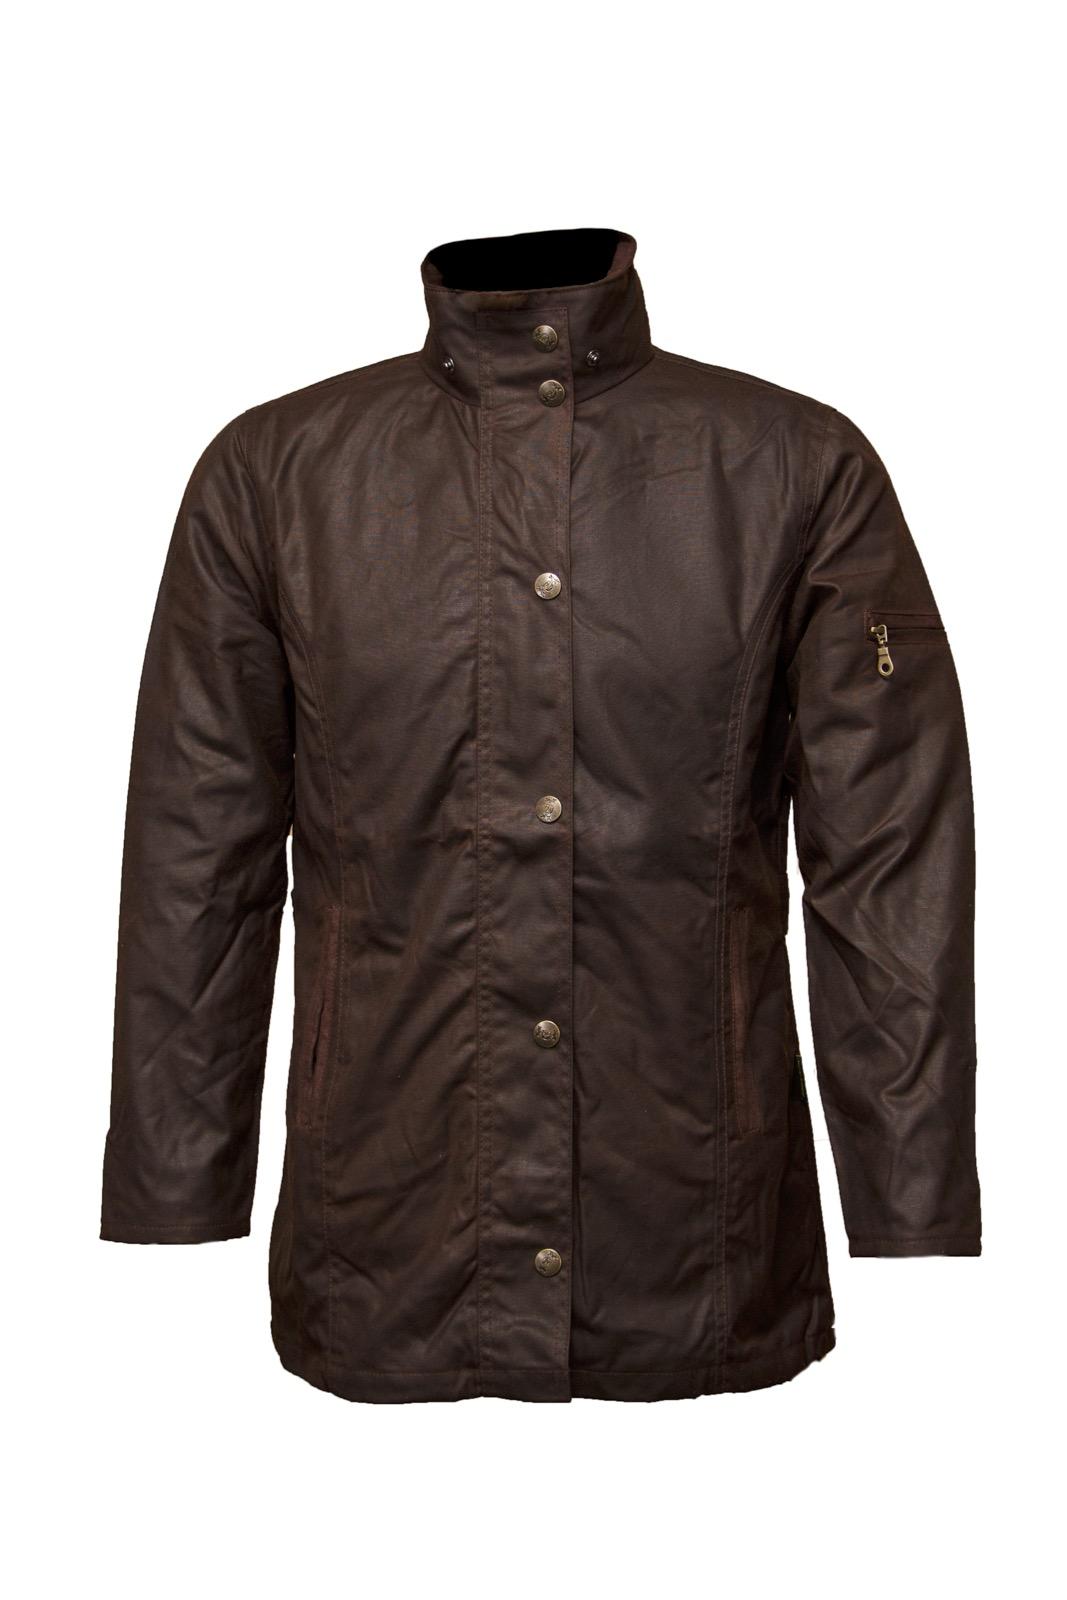 New Hunter Outdoor Ladies Heritage Wax Jackets Coats Antique Brown ...